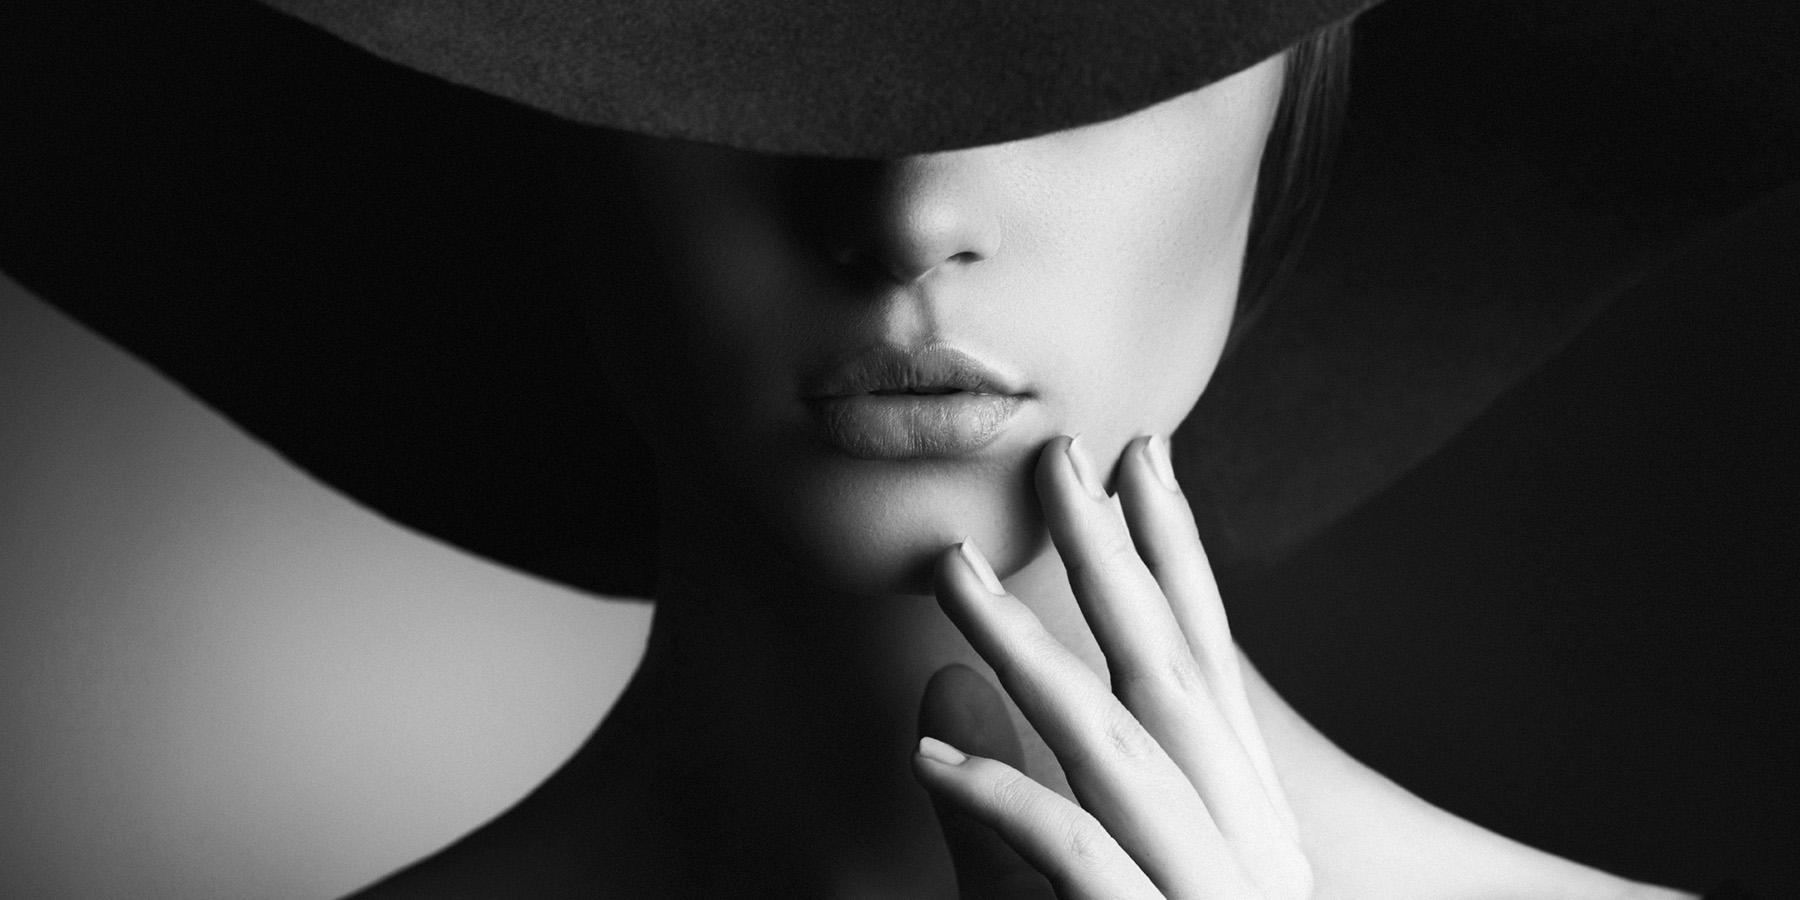 Матовый шеллак - изысканный тренд для стильных женщин